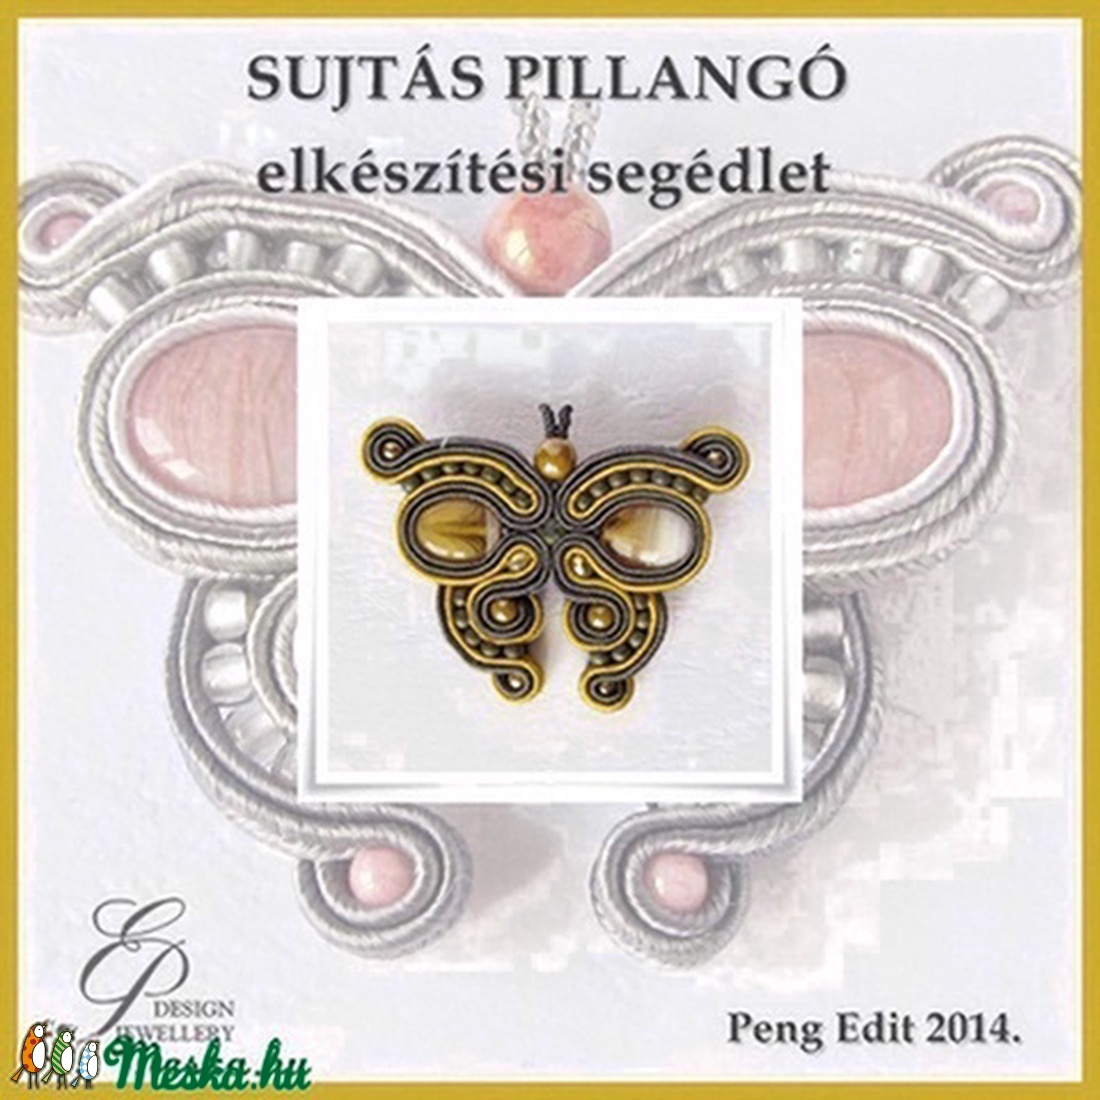 Pillangó sujtás ékszer elkészítési segédlet egyéni felhasználásra (Pengedit) - Meska.hu